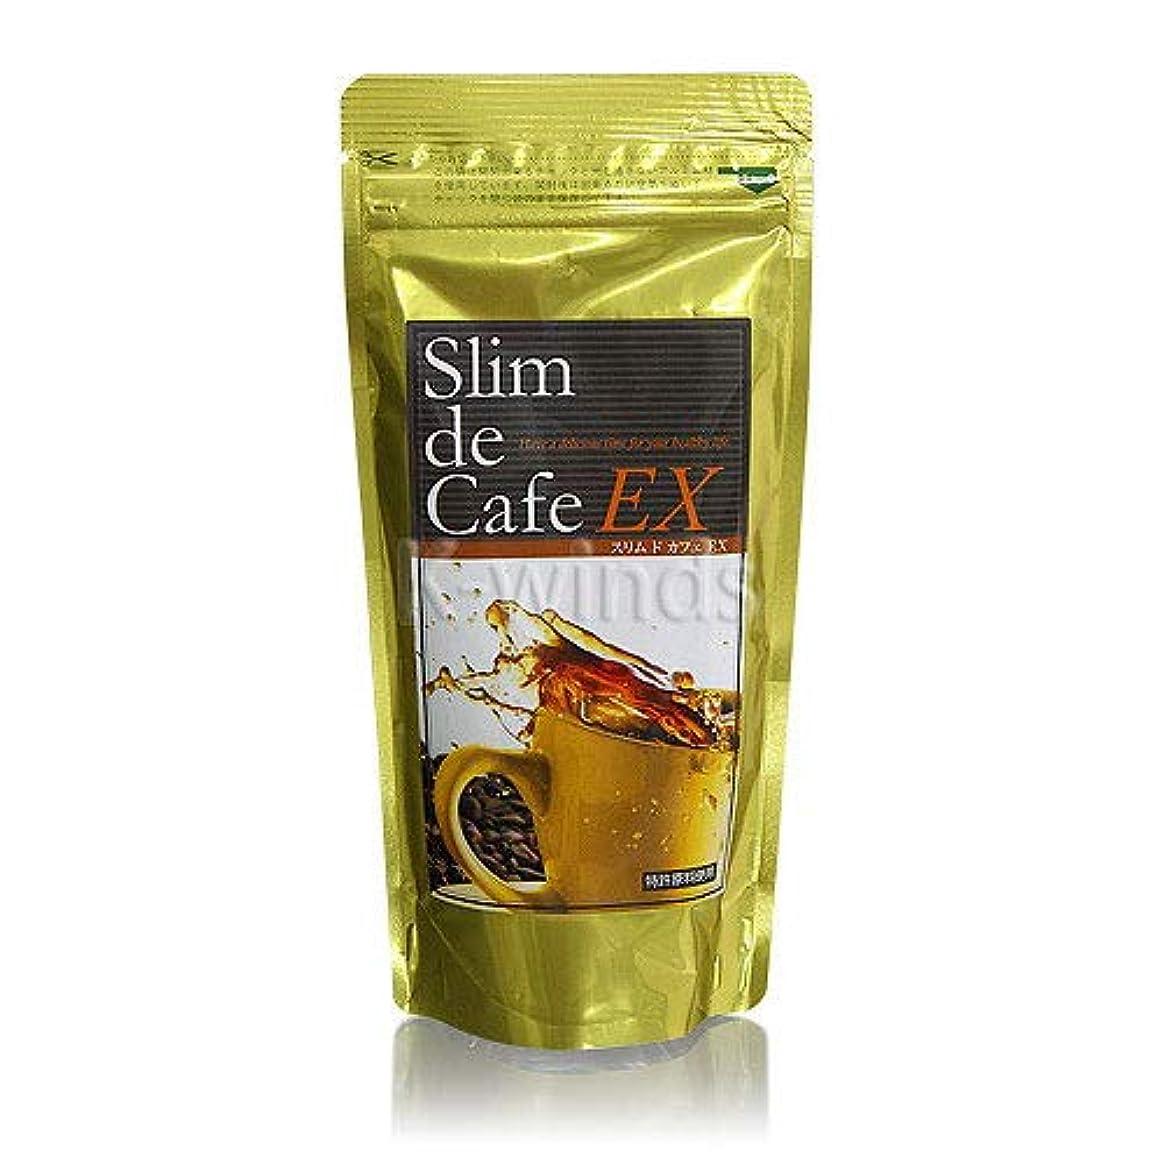 密度印象派ストライドスリムドカフェ EX (コーヒー粉末)100g 3袋セット